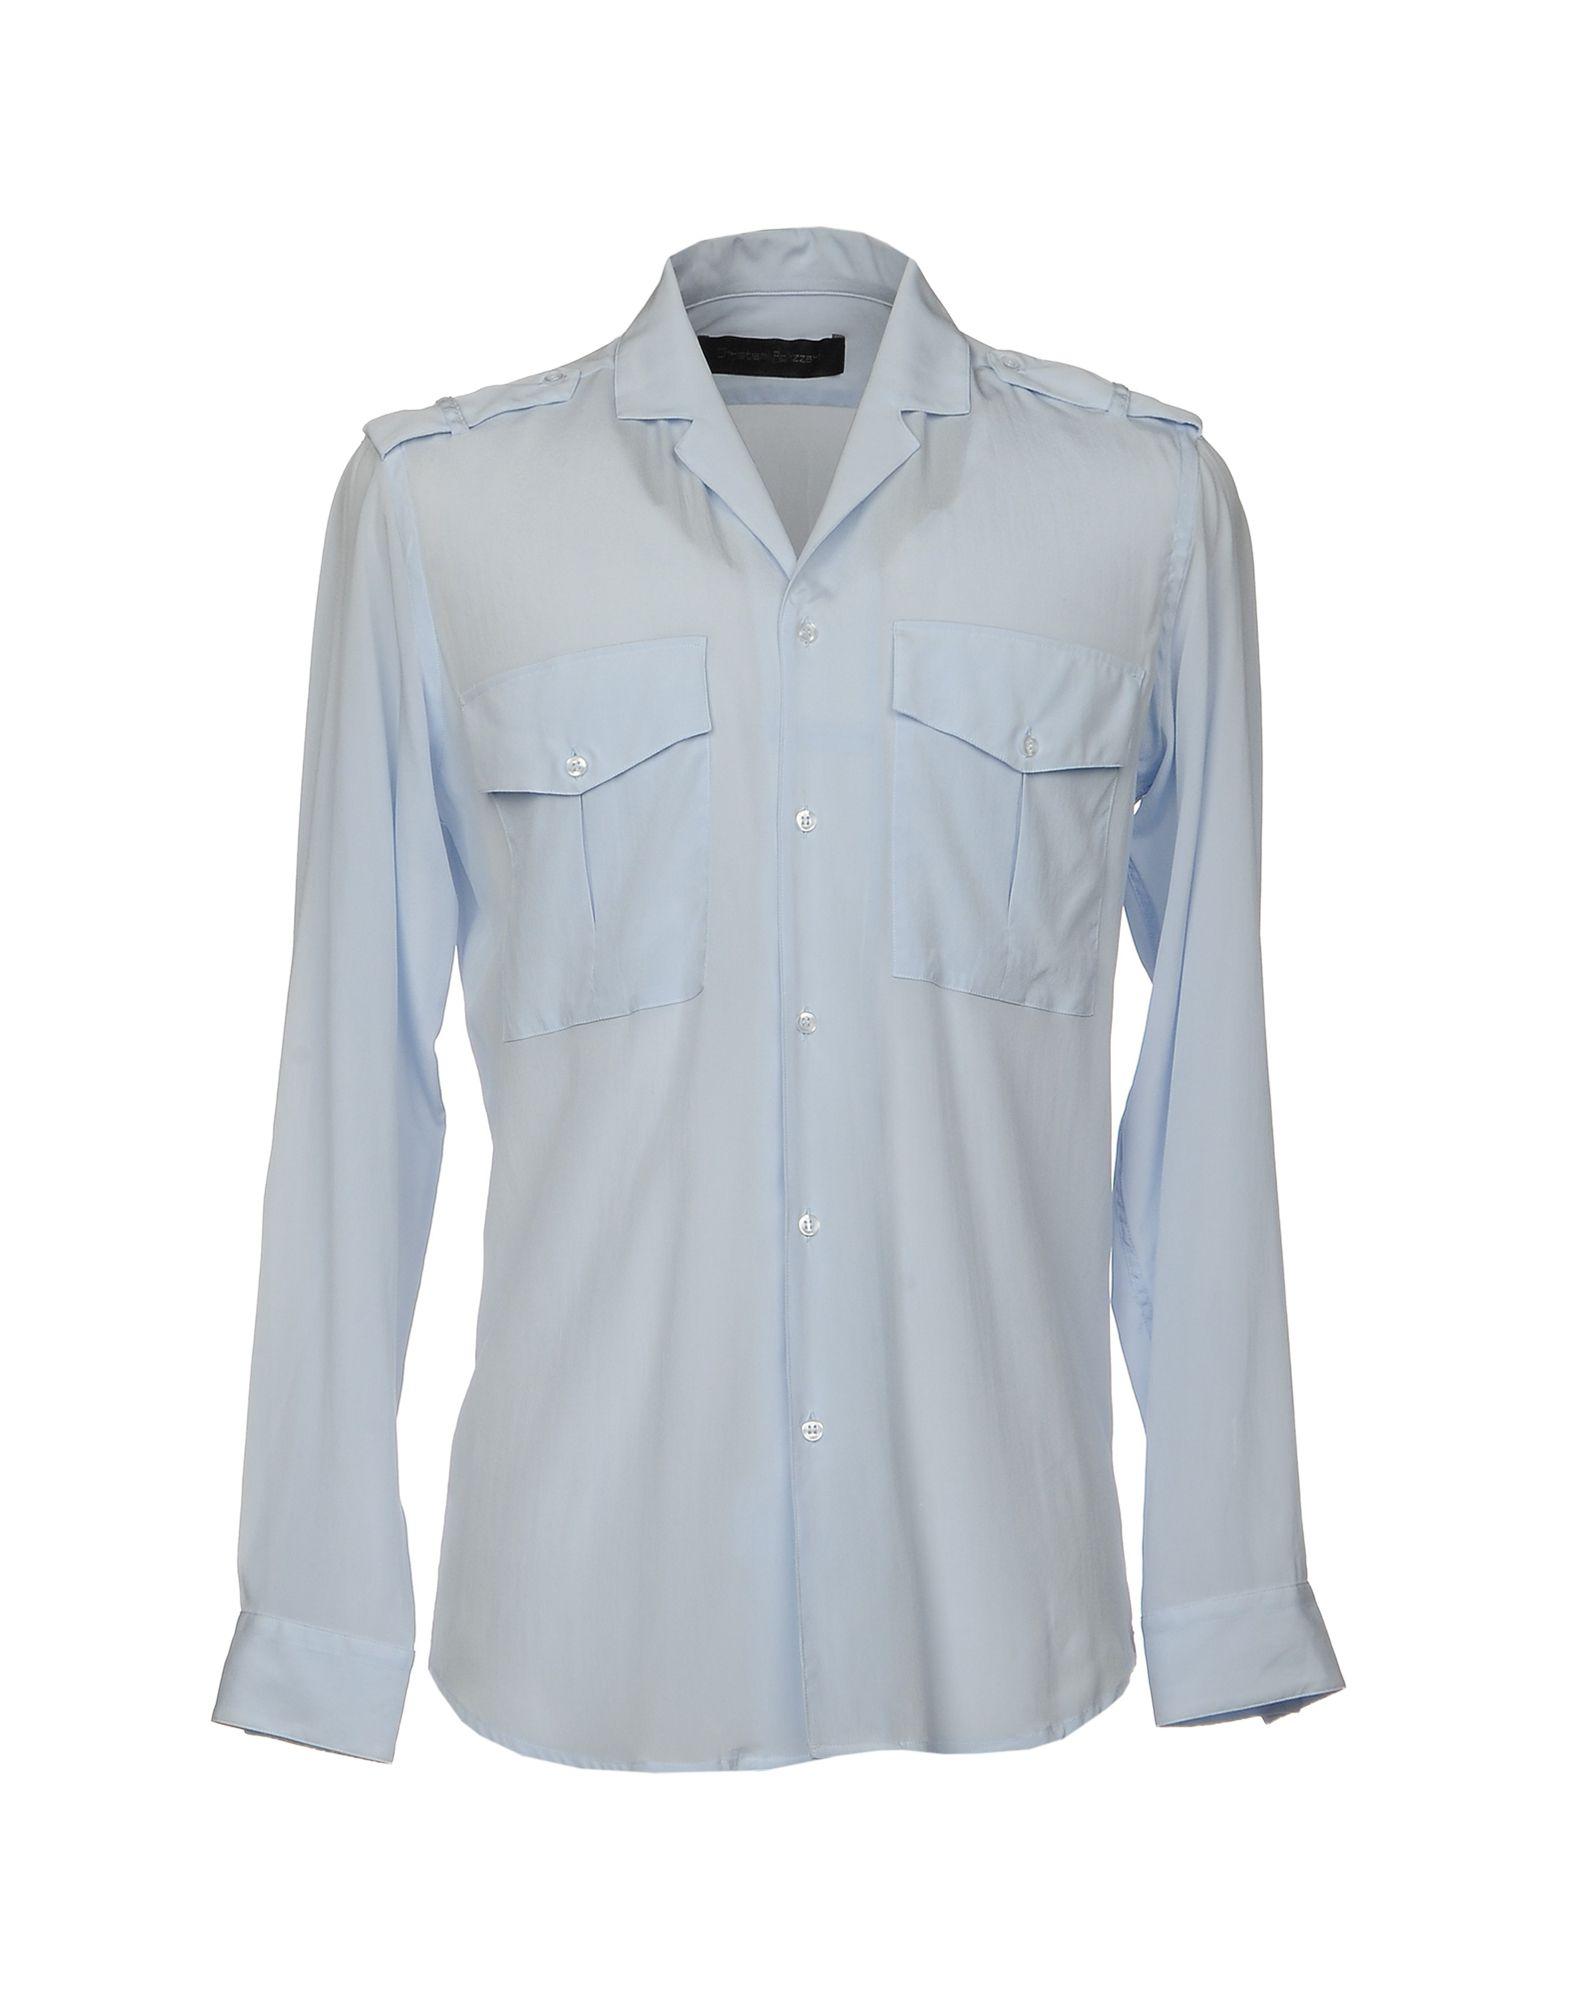 CHRISTIAN PELLIZZARI Herren Hemd Farbe Himmelblau Größe 2